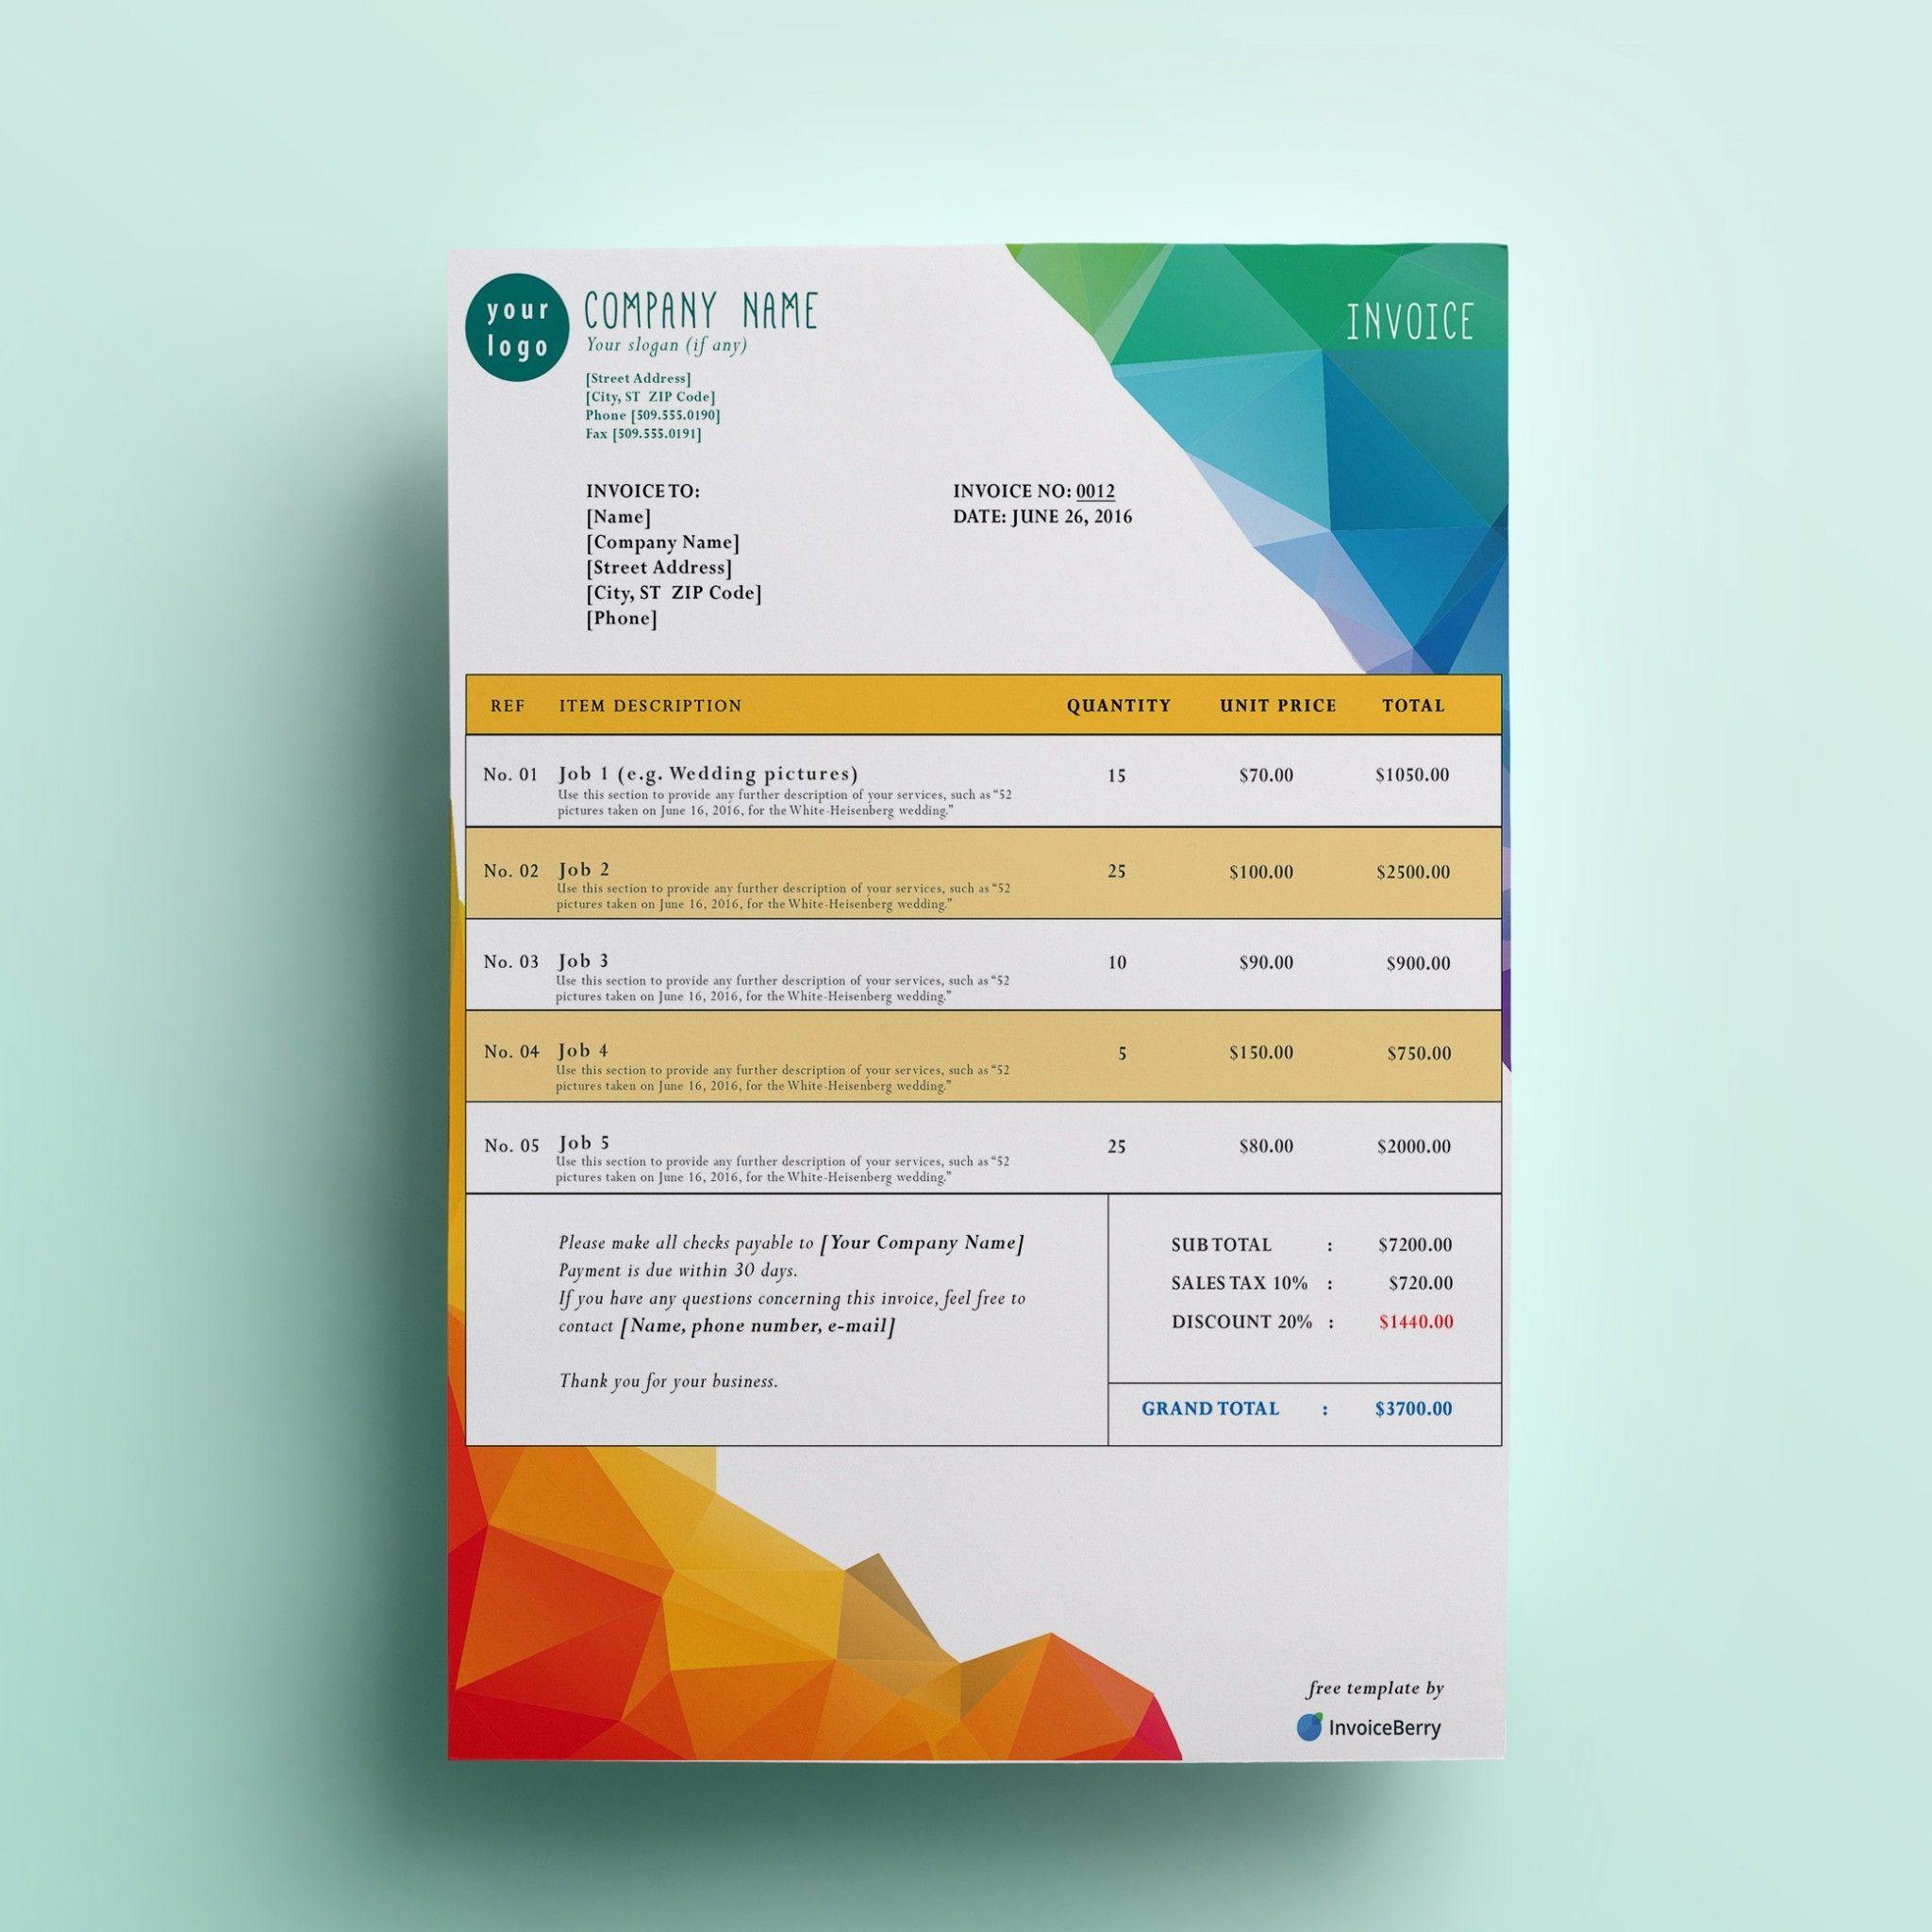 Unique Invoice Templates #xlstemplate #xlssample #xls